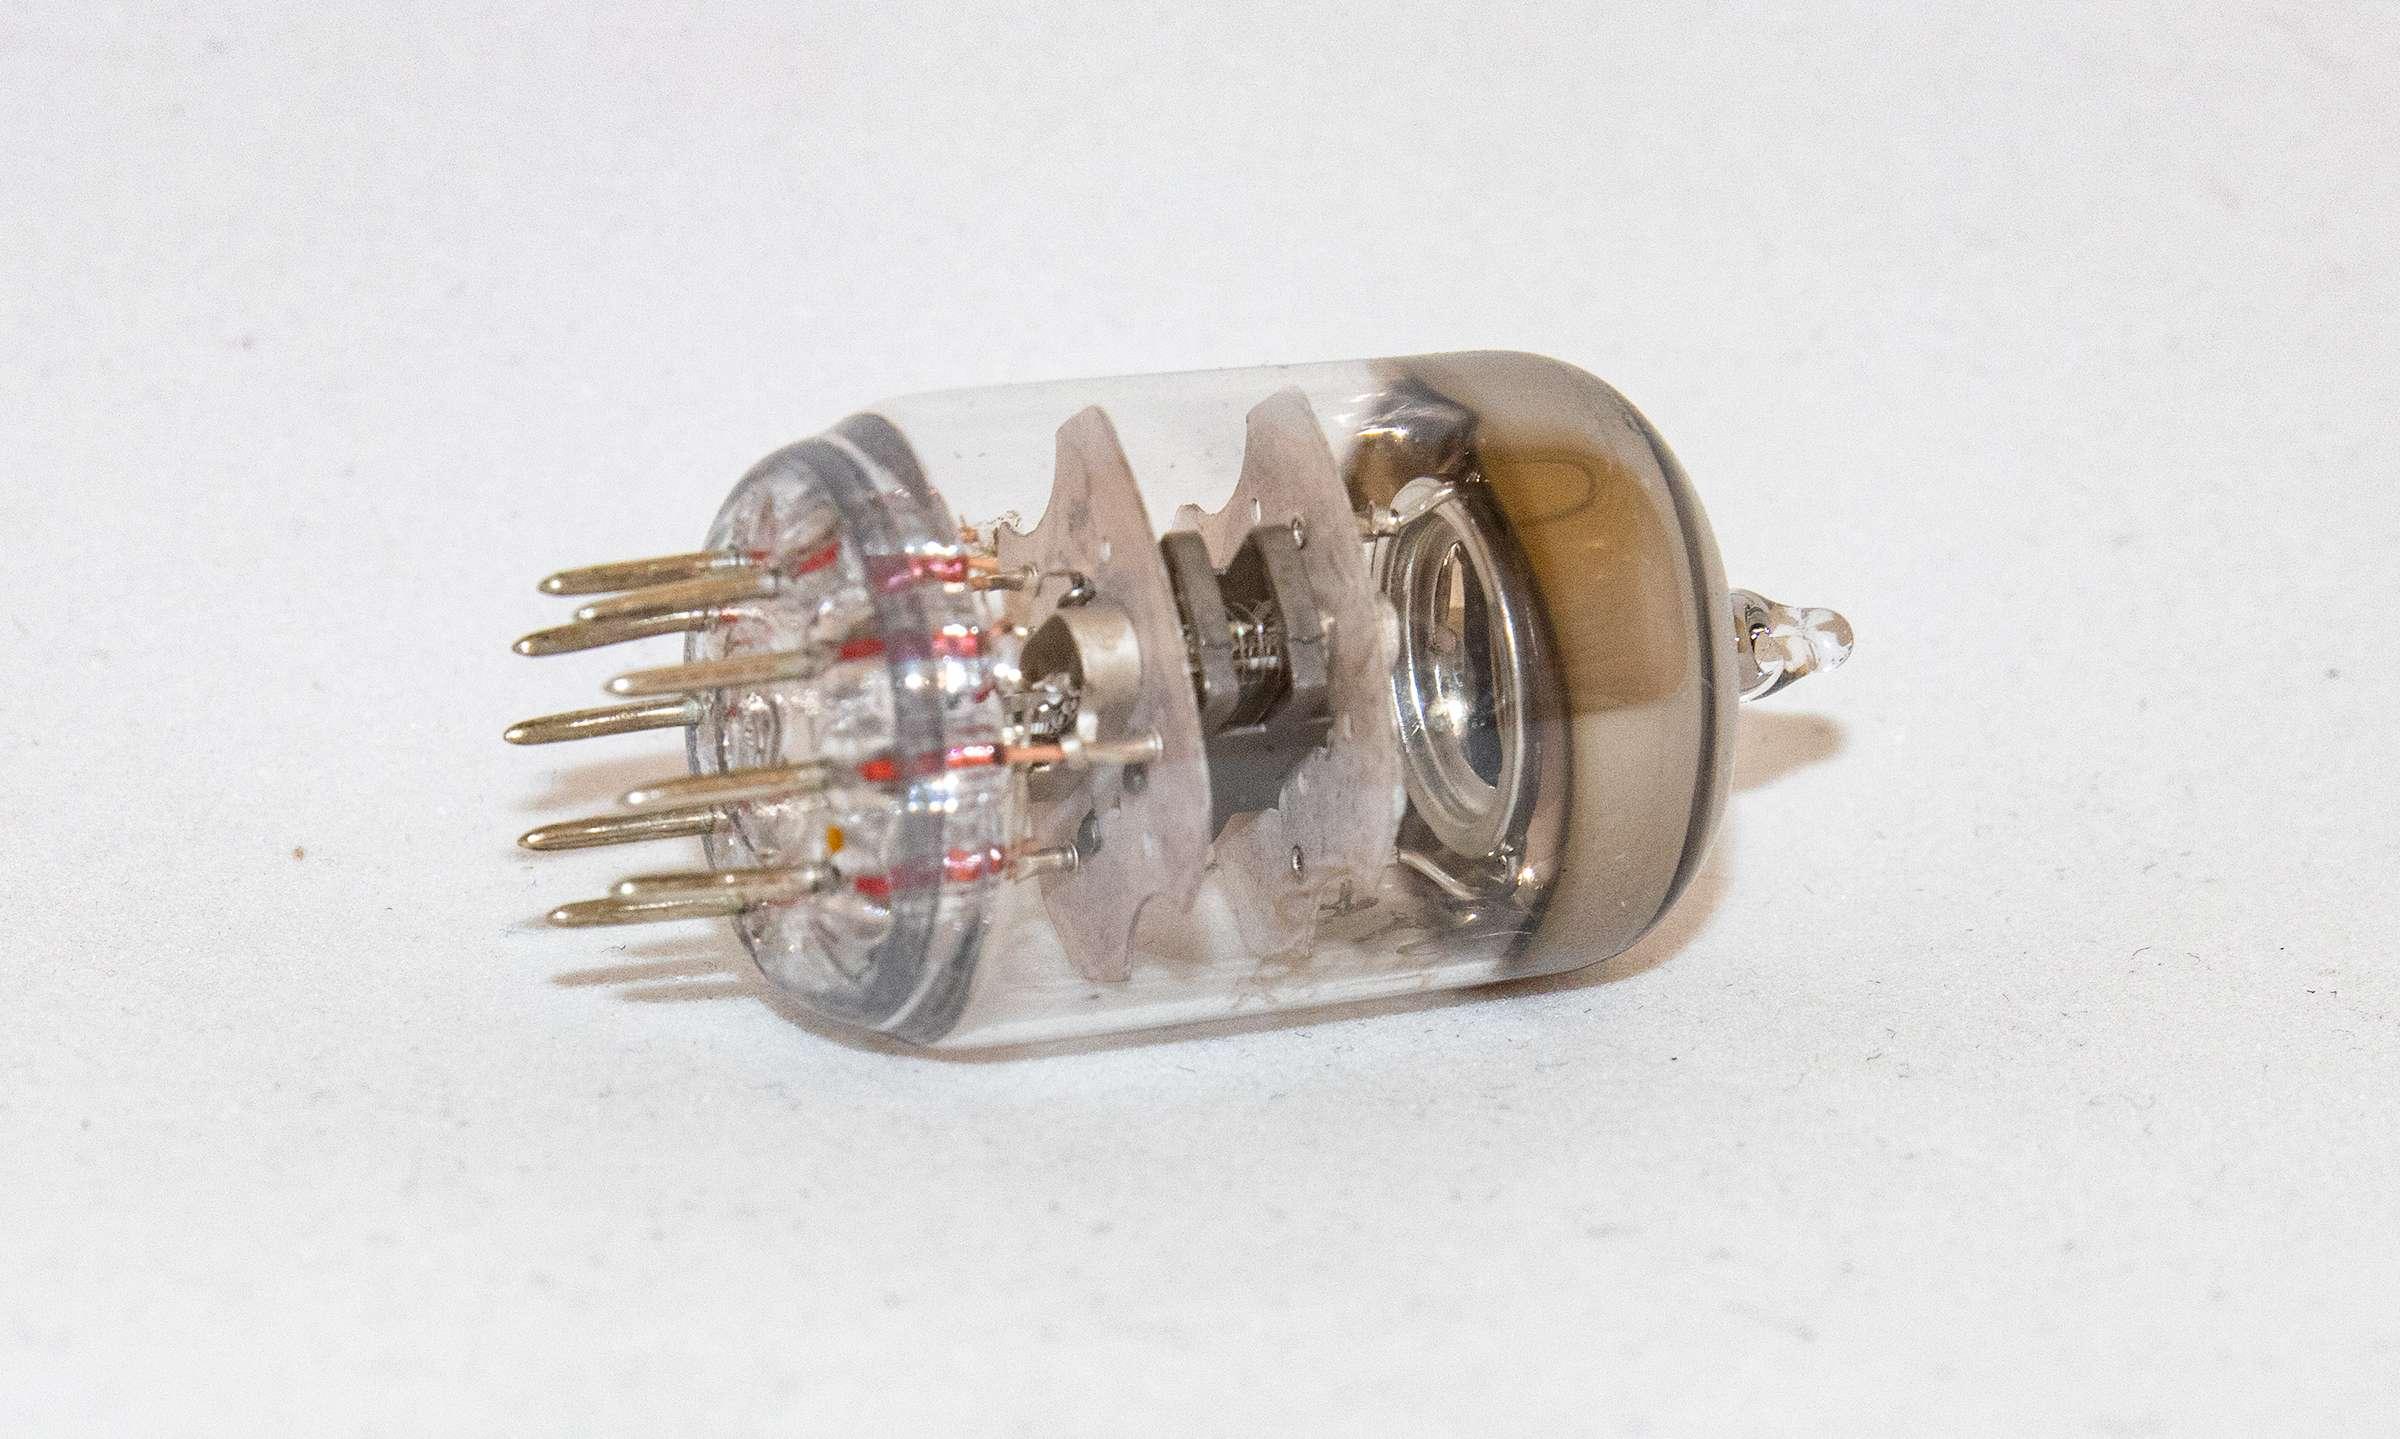 Внешний вид радиолампы 6Ж9П